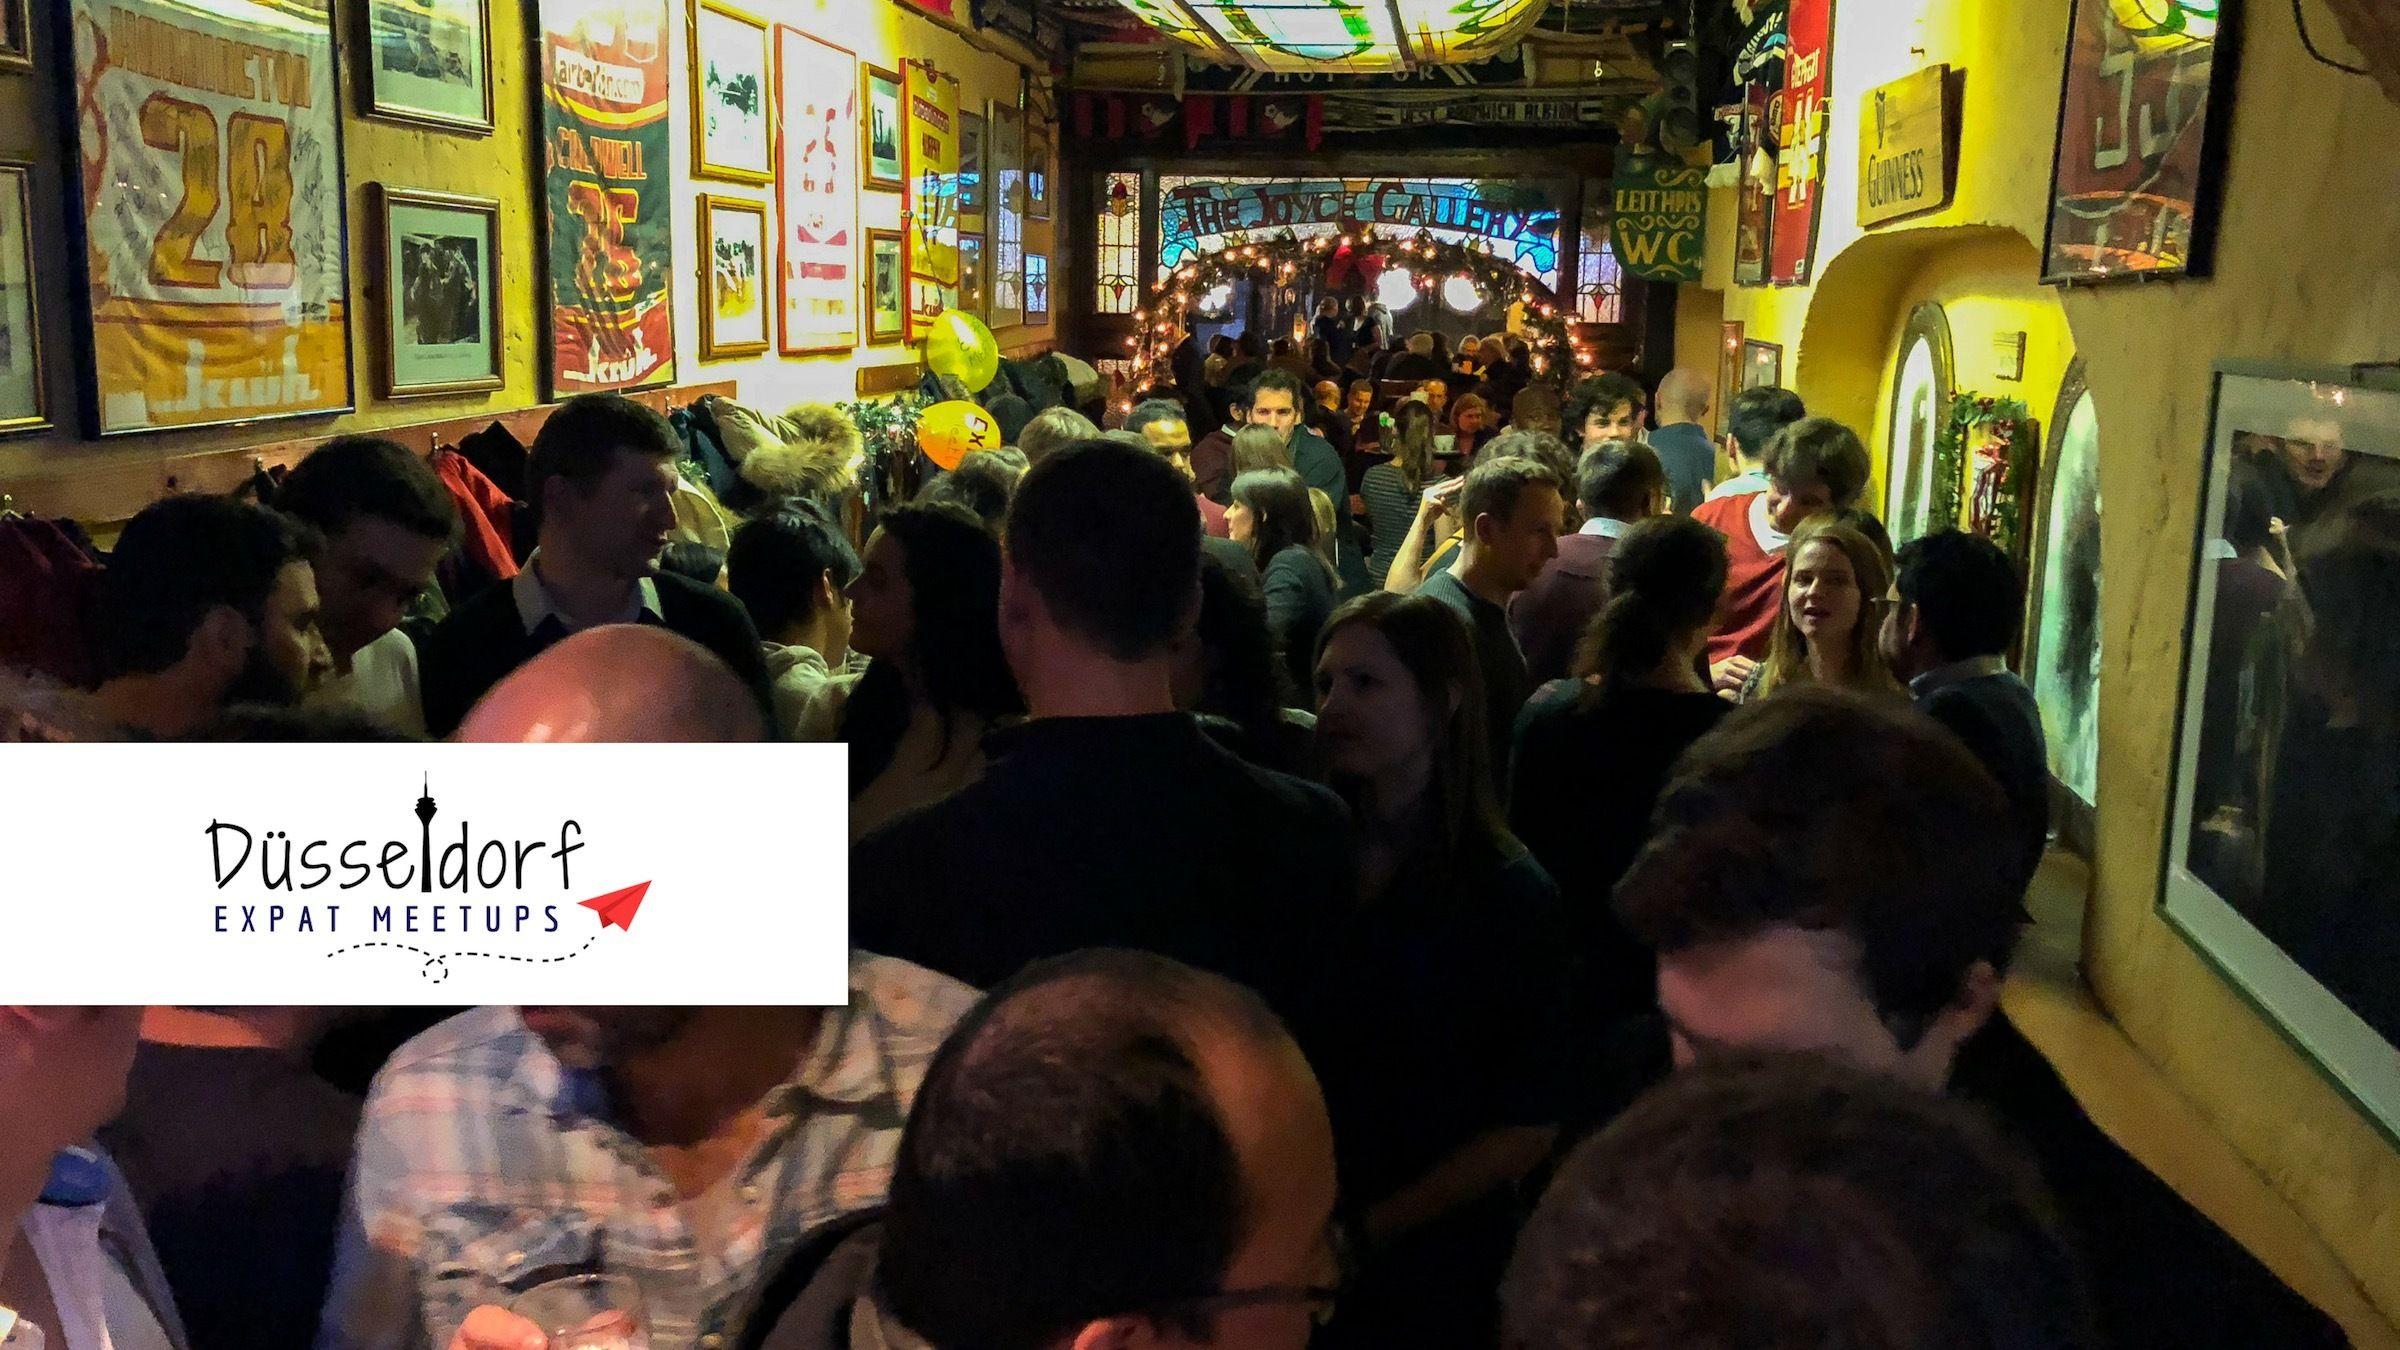 The Düsseldorf Expat Meetup @ Fatty's Irish Pub